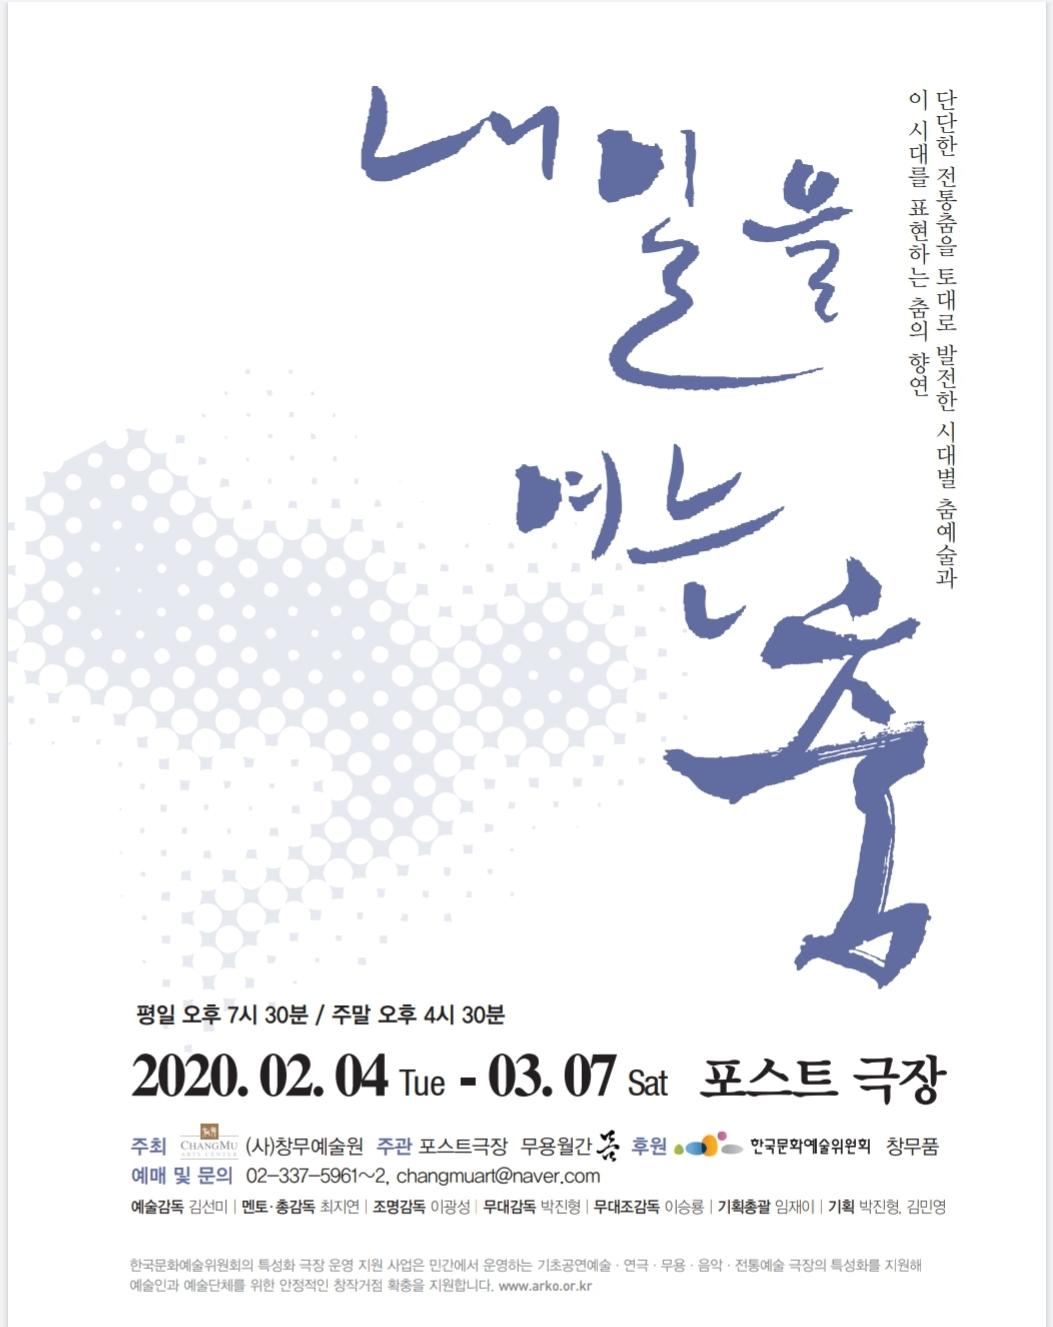 KakaoTalk_20200224_172040276.jpg